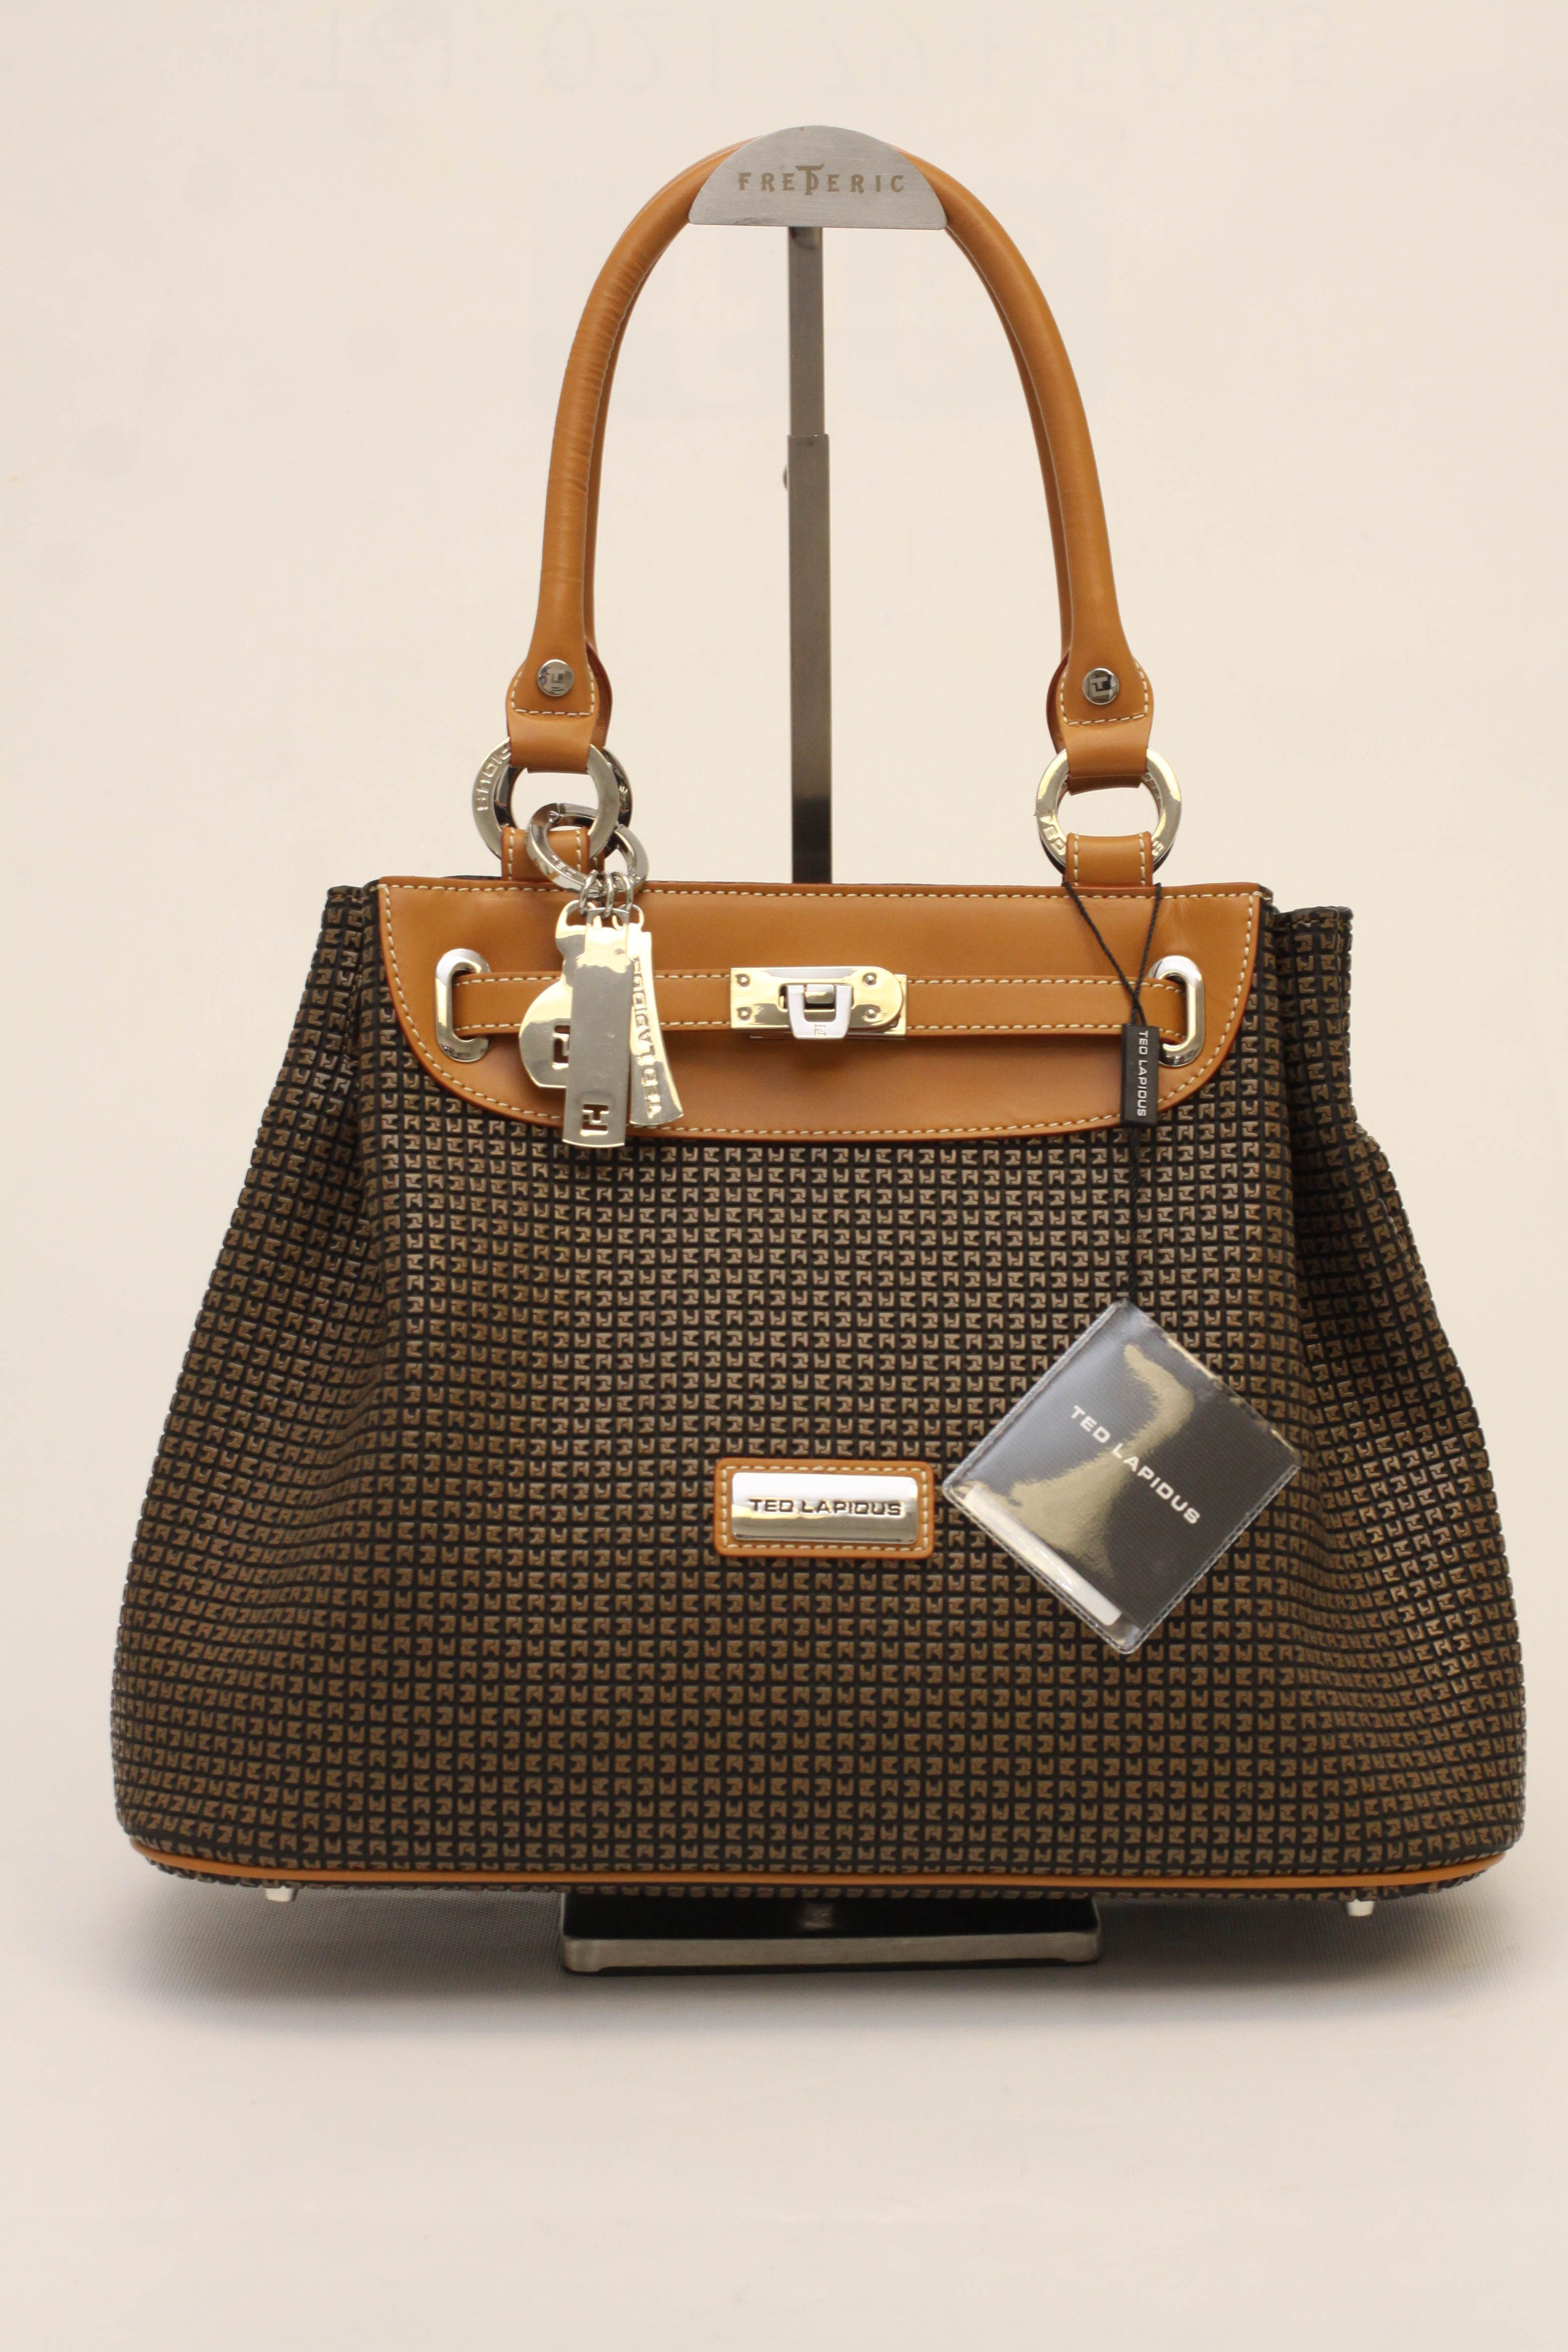 5c079e6f0865 Ted Lapidus bag, R6299, Via Veneto | Handbags | Bags, Ted lapidus ...